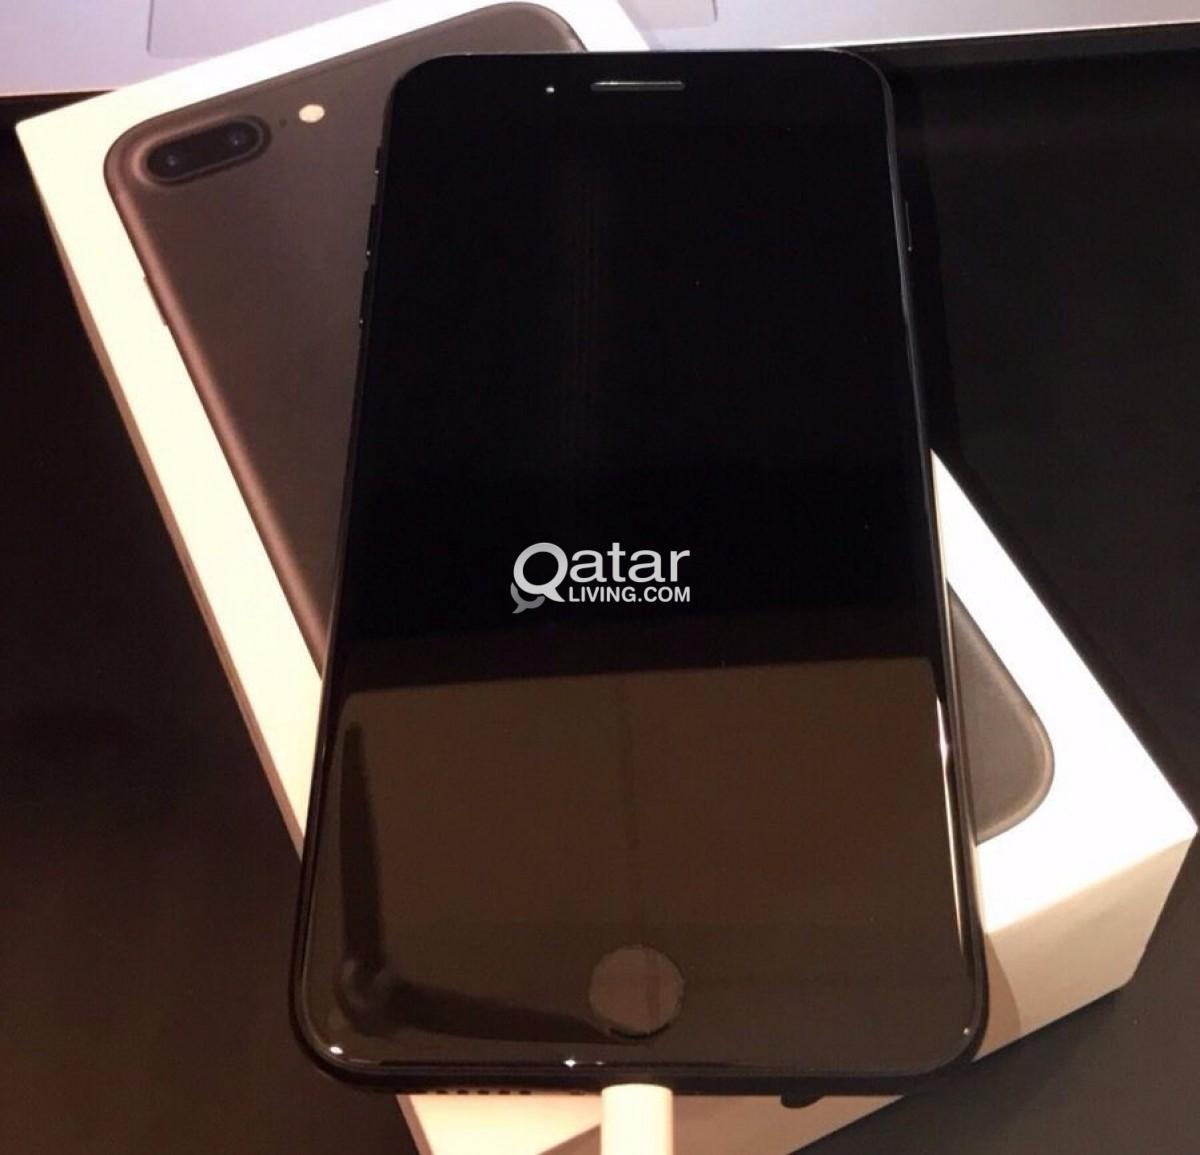 IPHONE 7 PLUS 256GB PRICE IN UAE USED - Gold iPhone 7 price